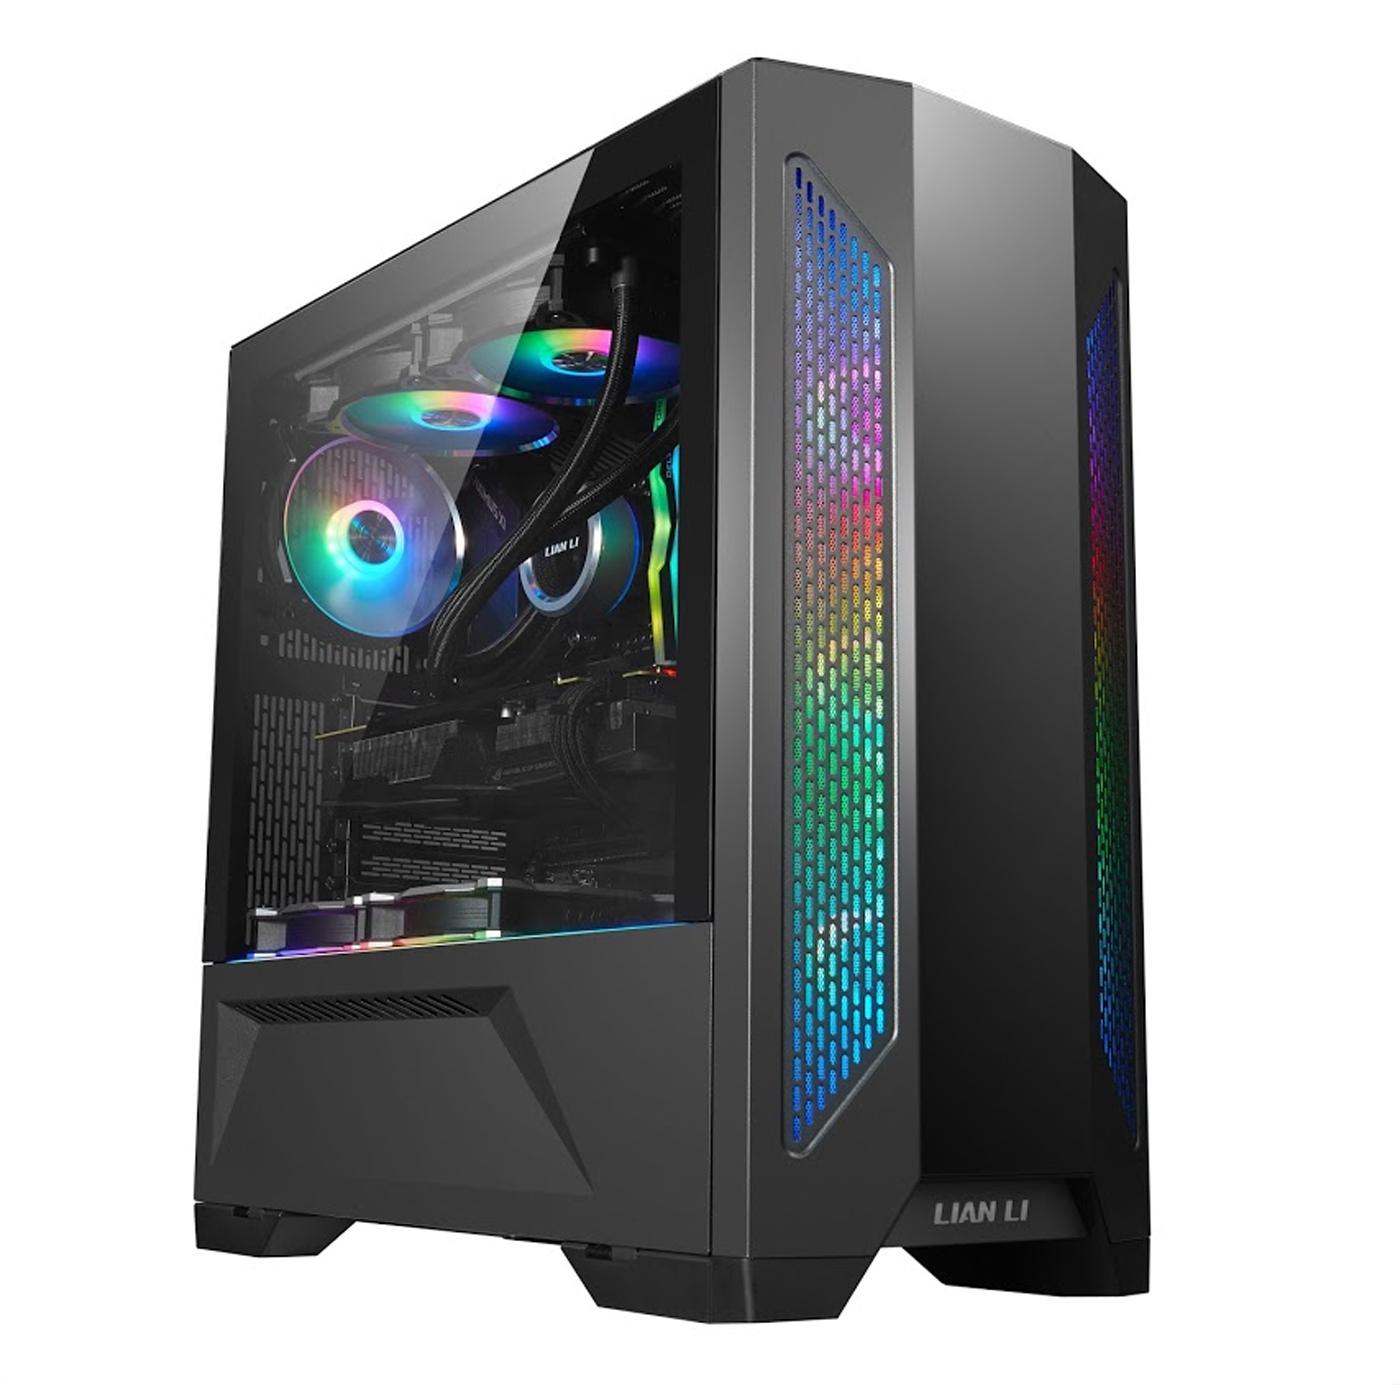 Lian Li Lancool II Black - Black  ( 3 fans included) PC Case - LIAN LI 2.35.65.00.008